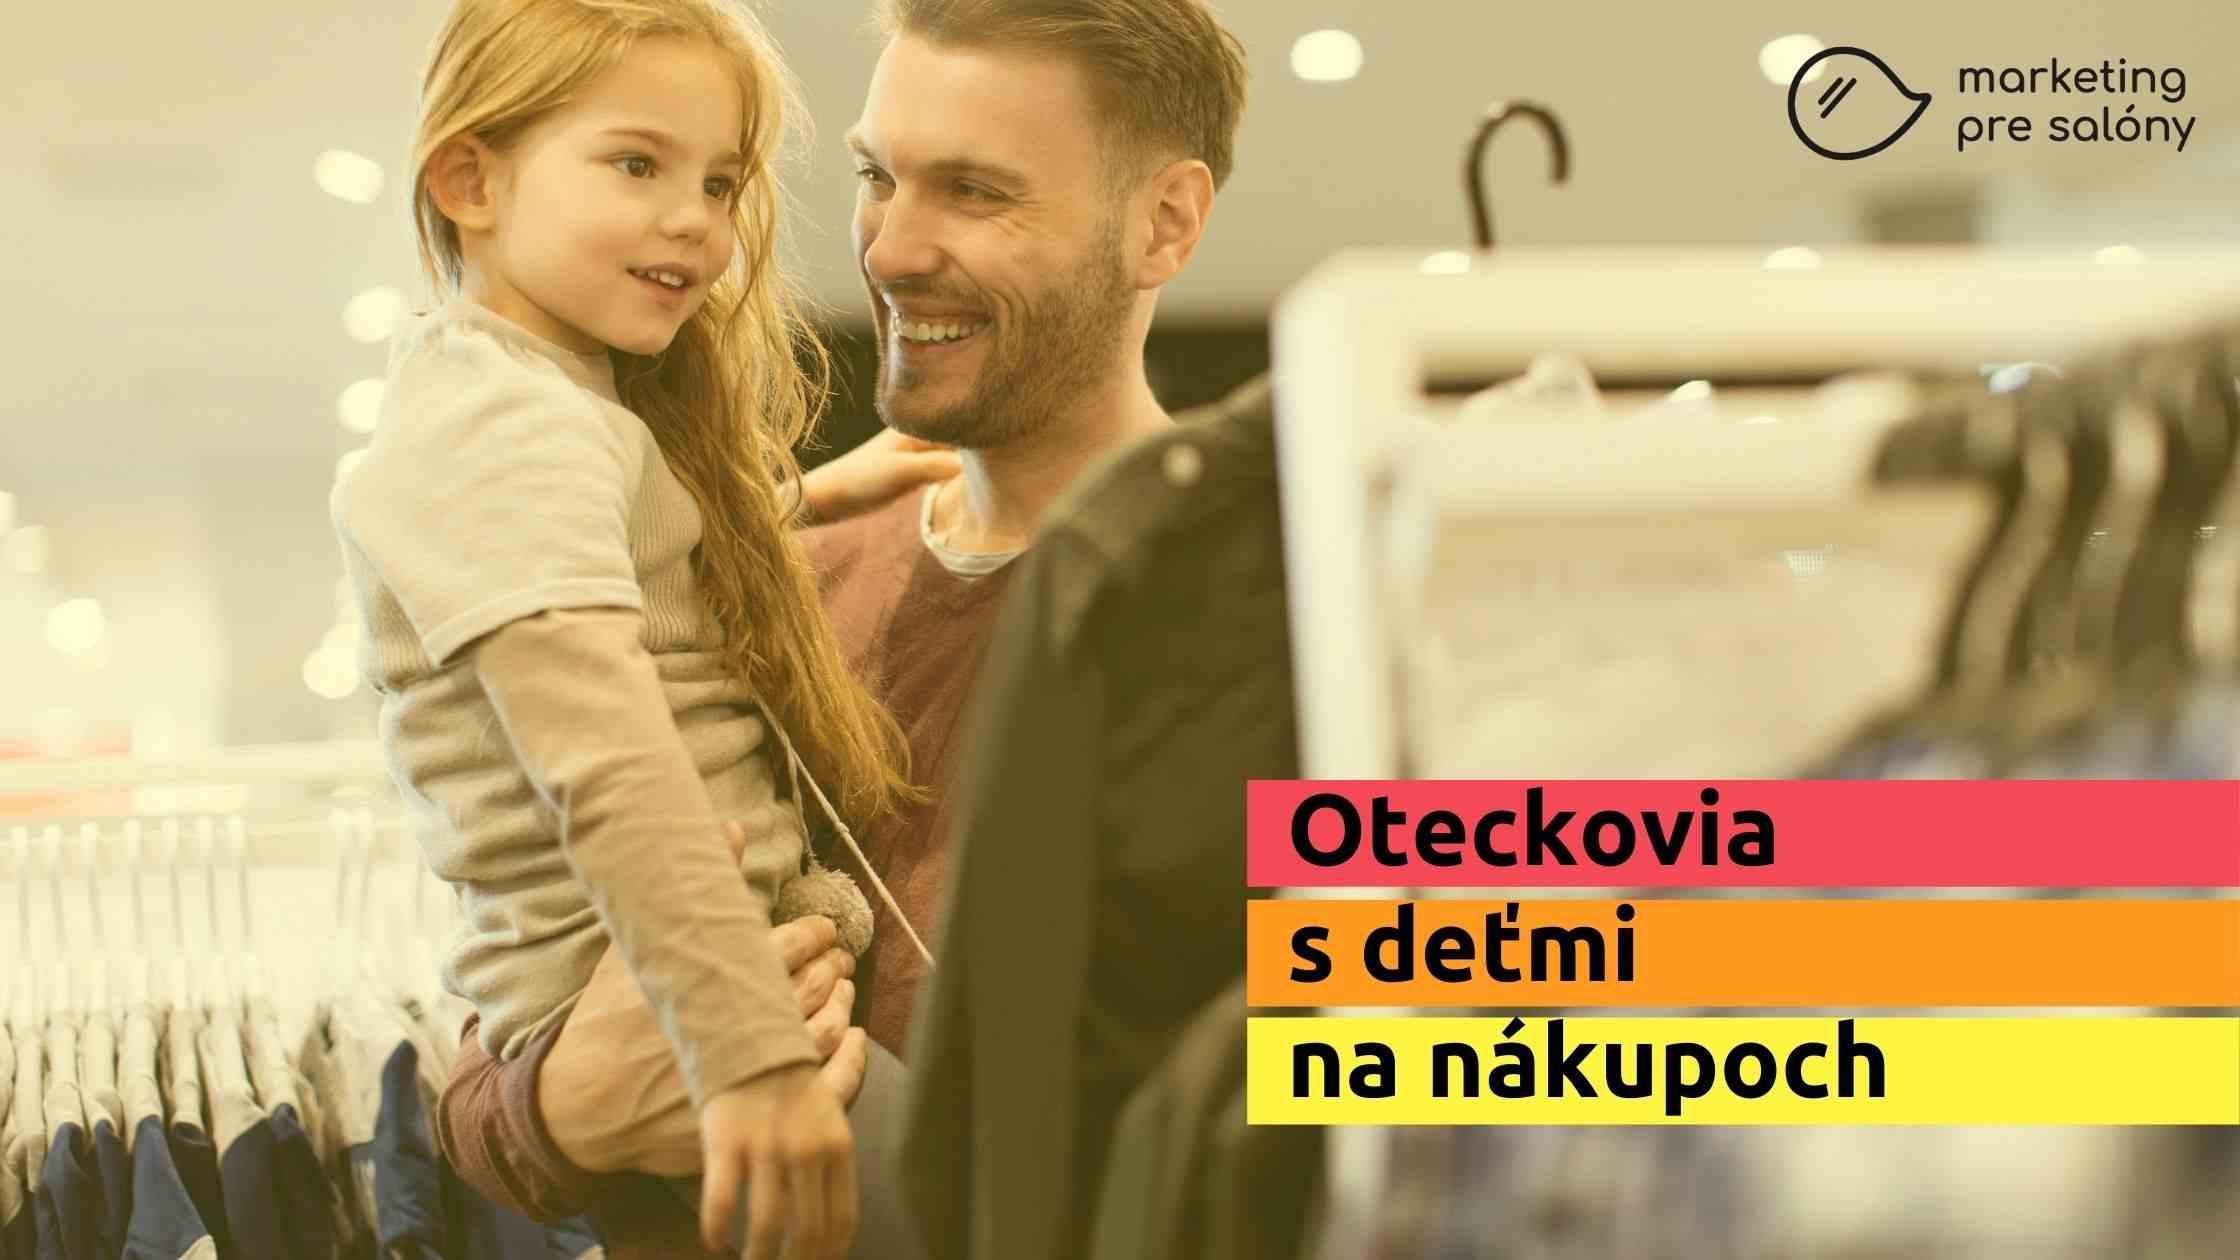 Oteckovia, ktorí nakupujú darčeky s deťmi